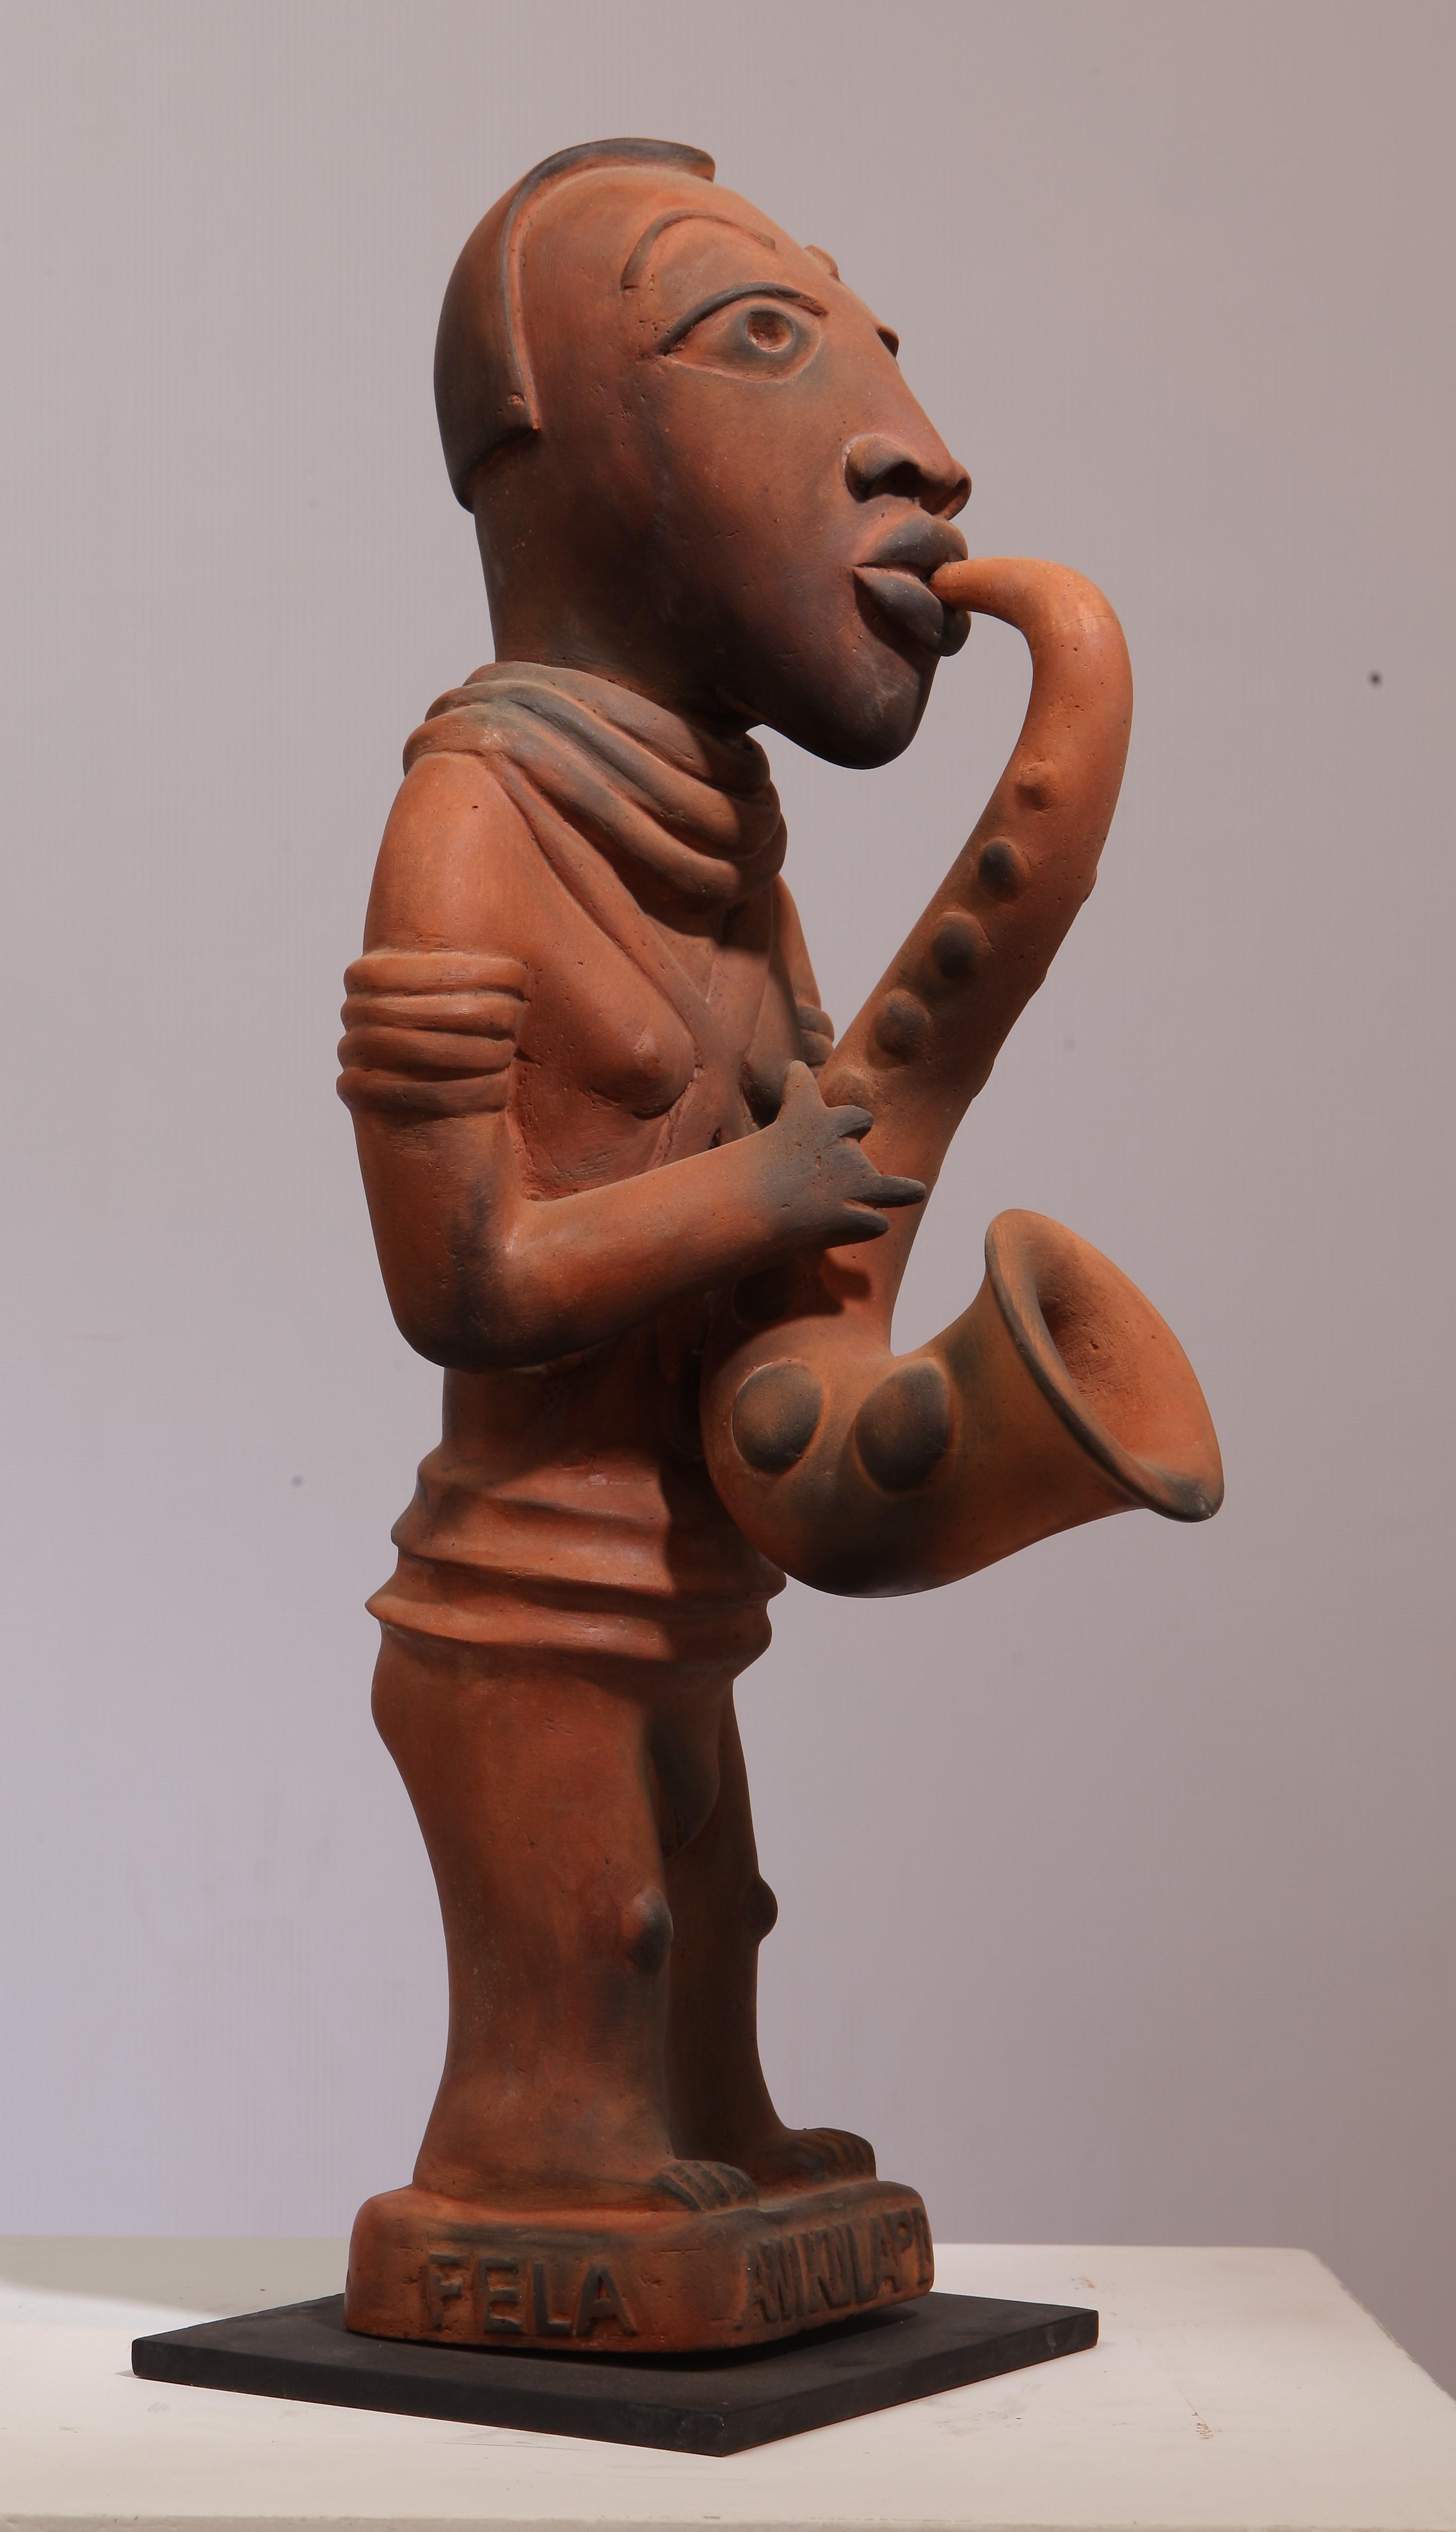 Nok Fela Kuti